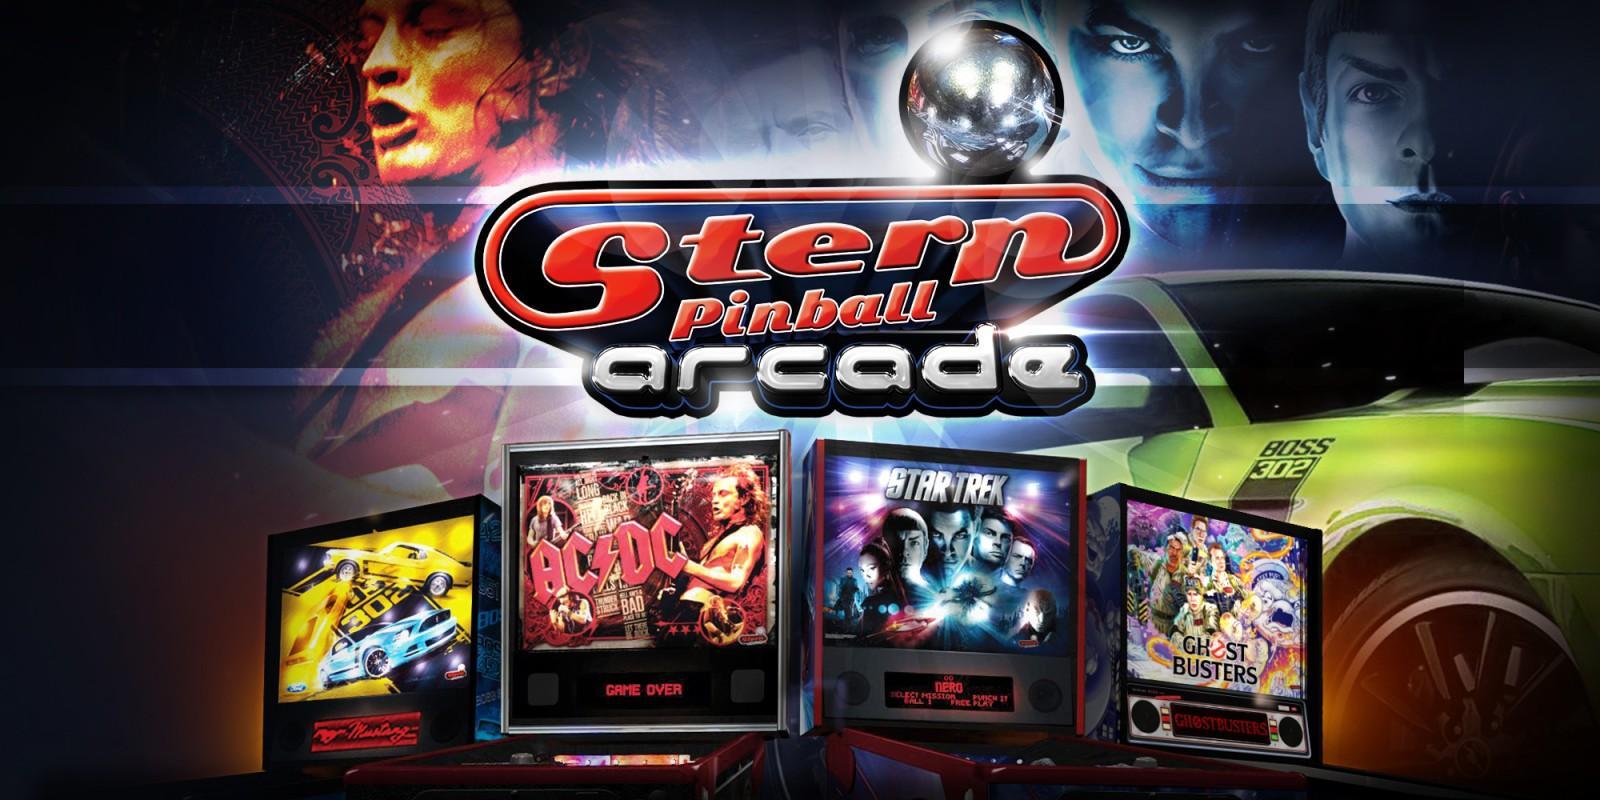 Stern Pinball arcade - juegos gratis para Nintendo Switch